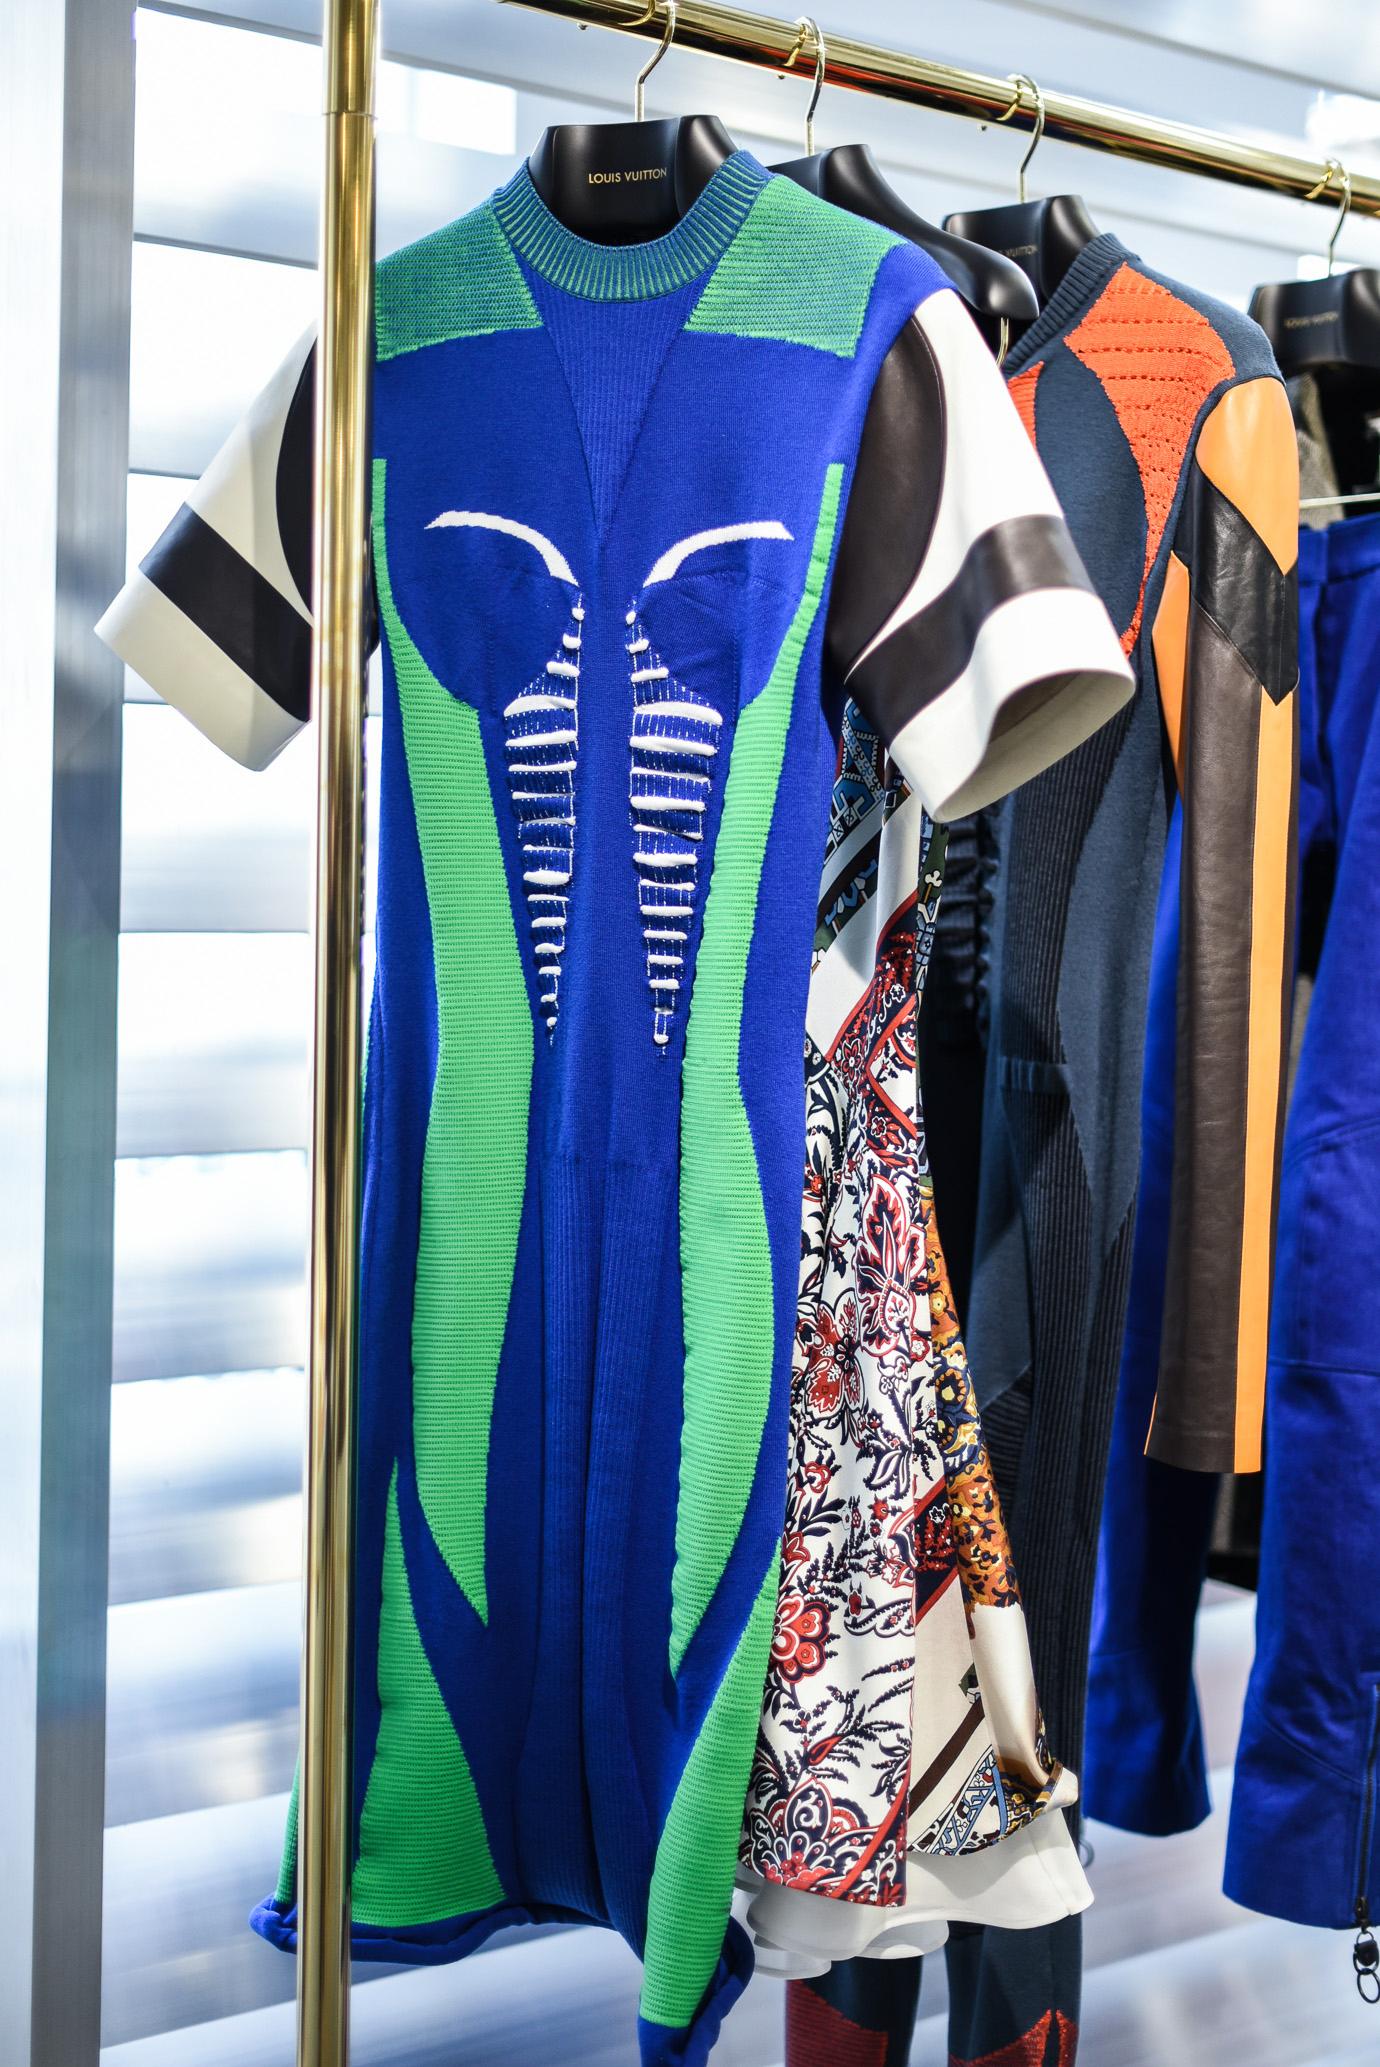 Louis_Vuitton_AW_16_17_Collection_13